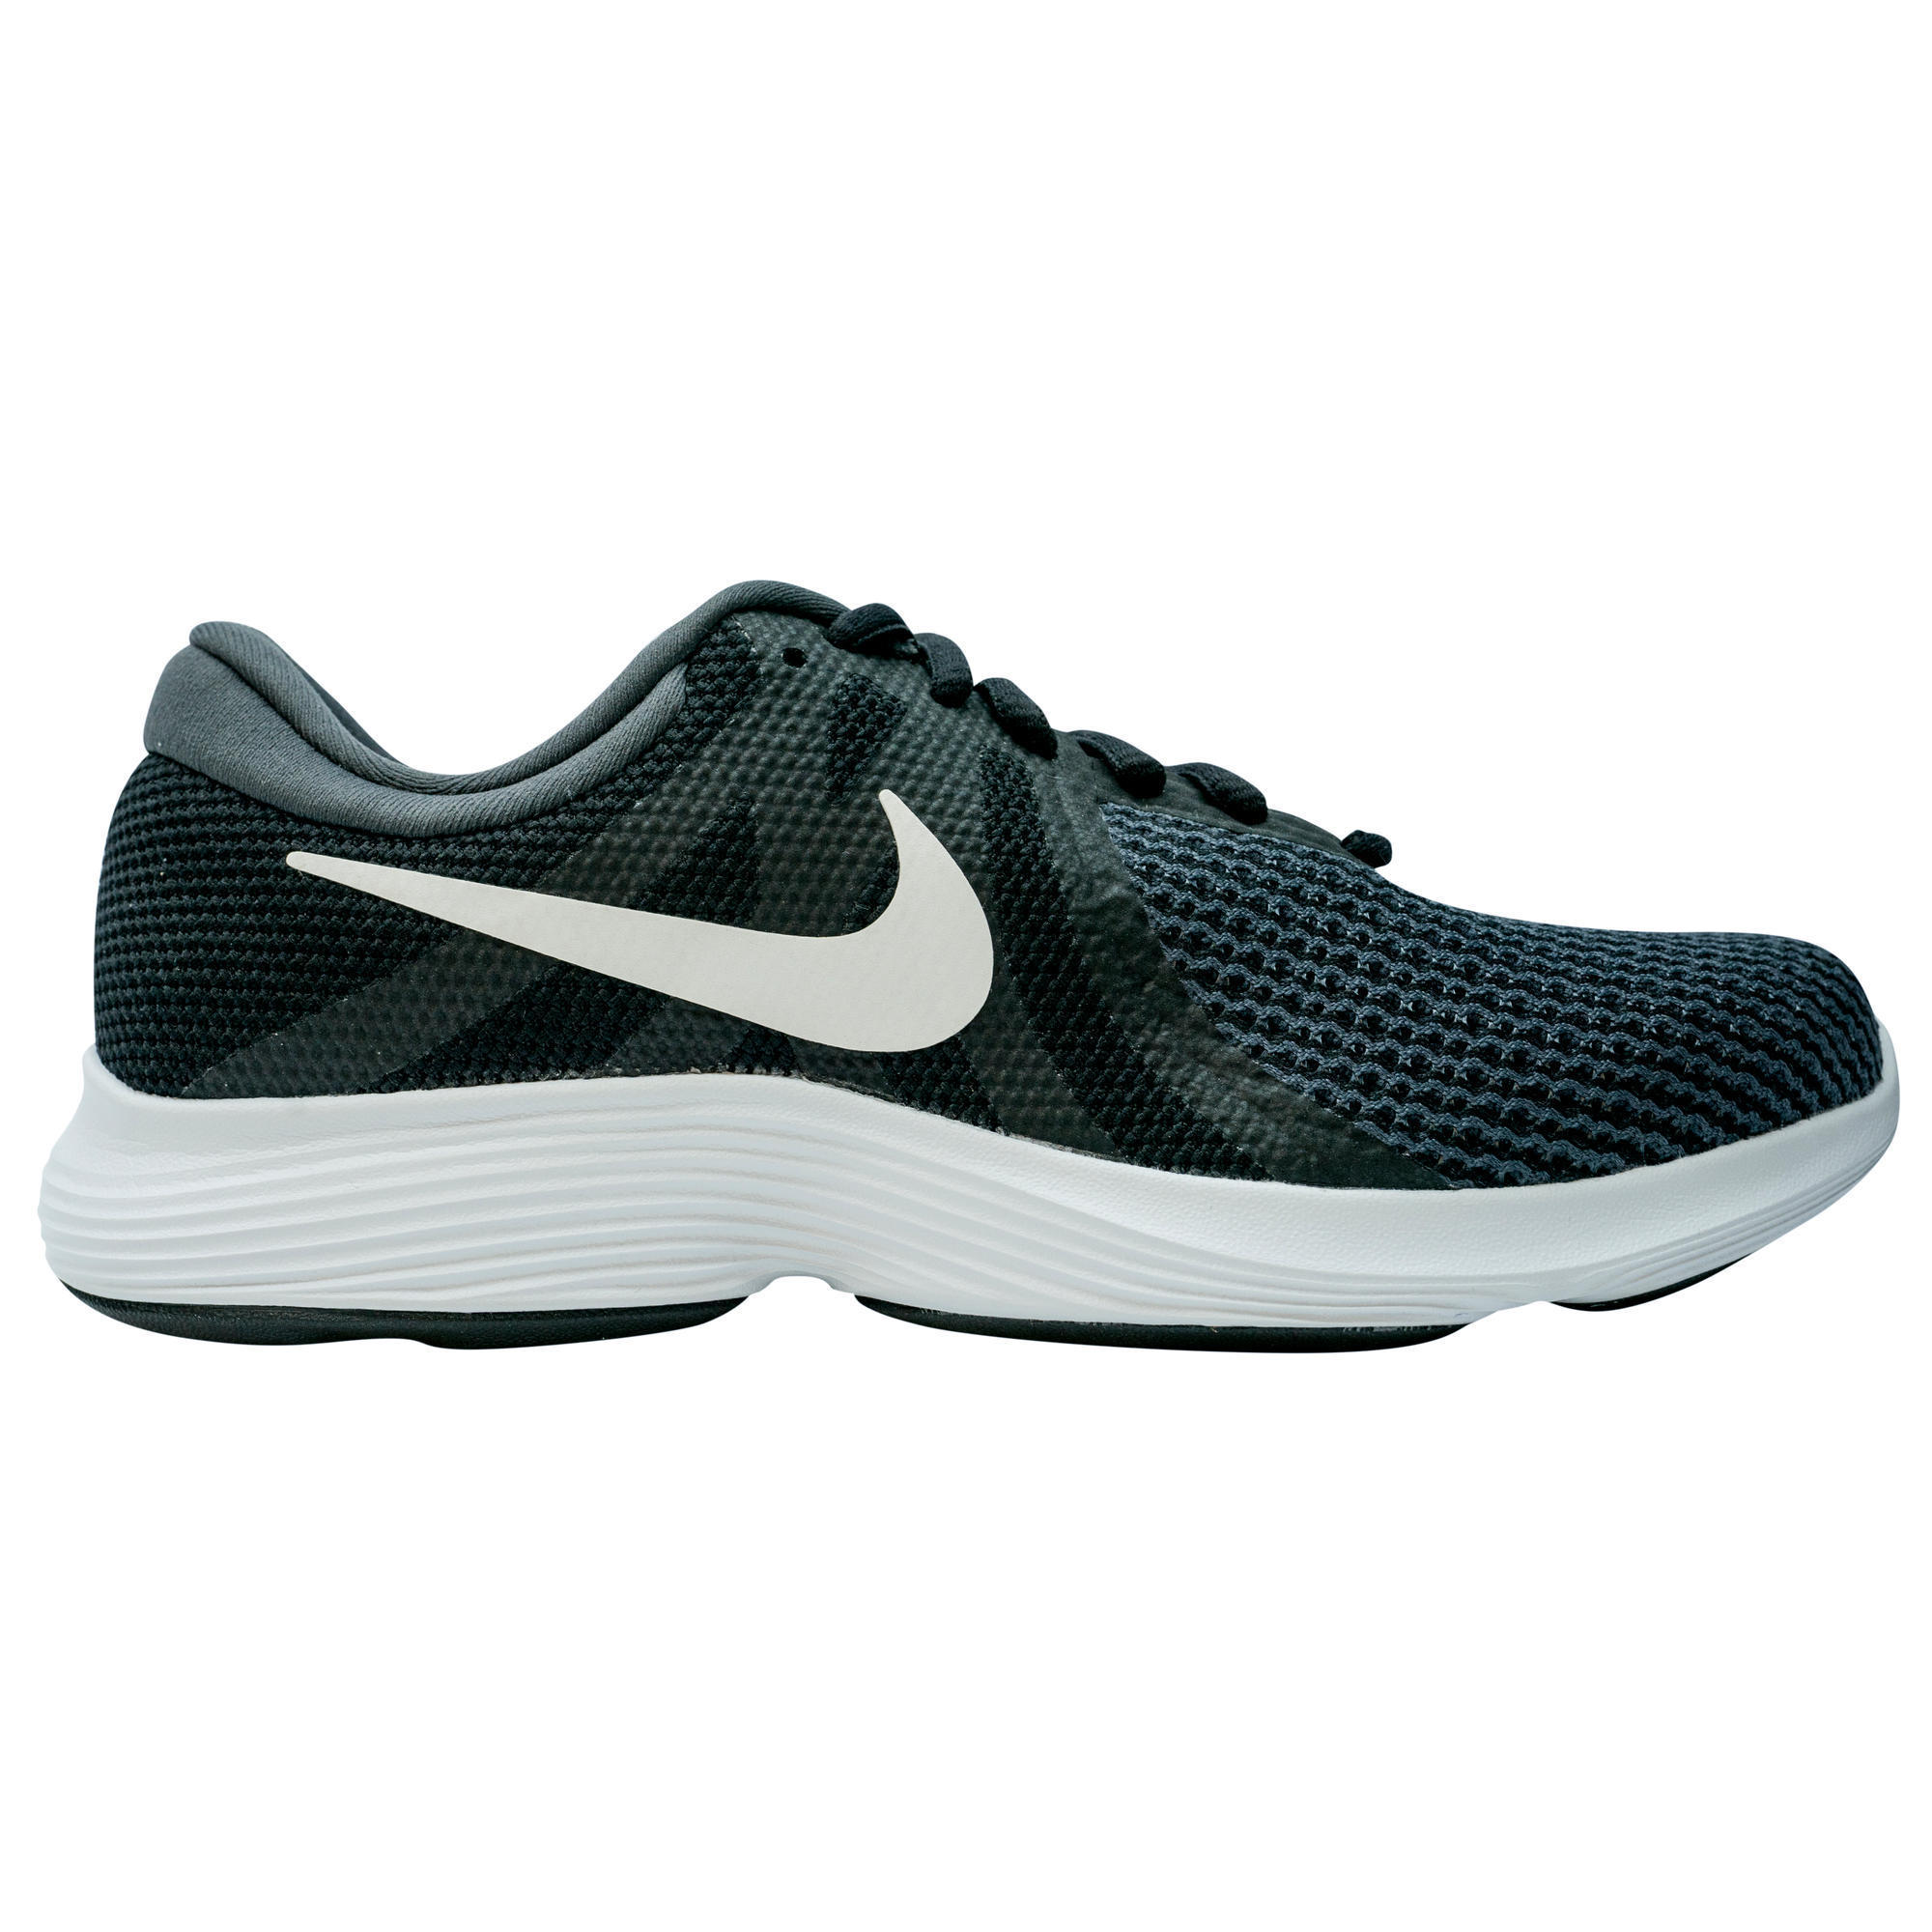 999b0a6e5673 Comprar Zapatillas Deportivas de Mujer Online | Decathlon